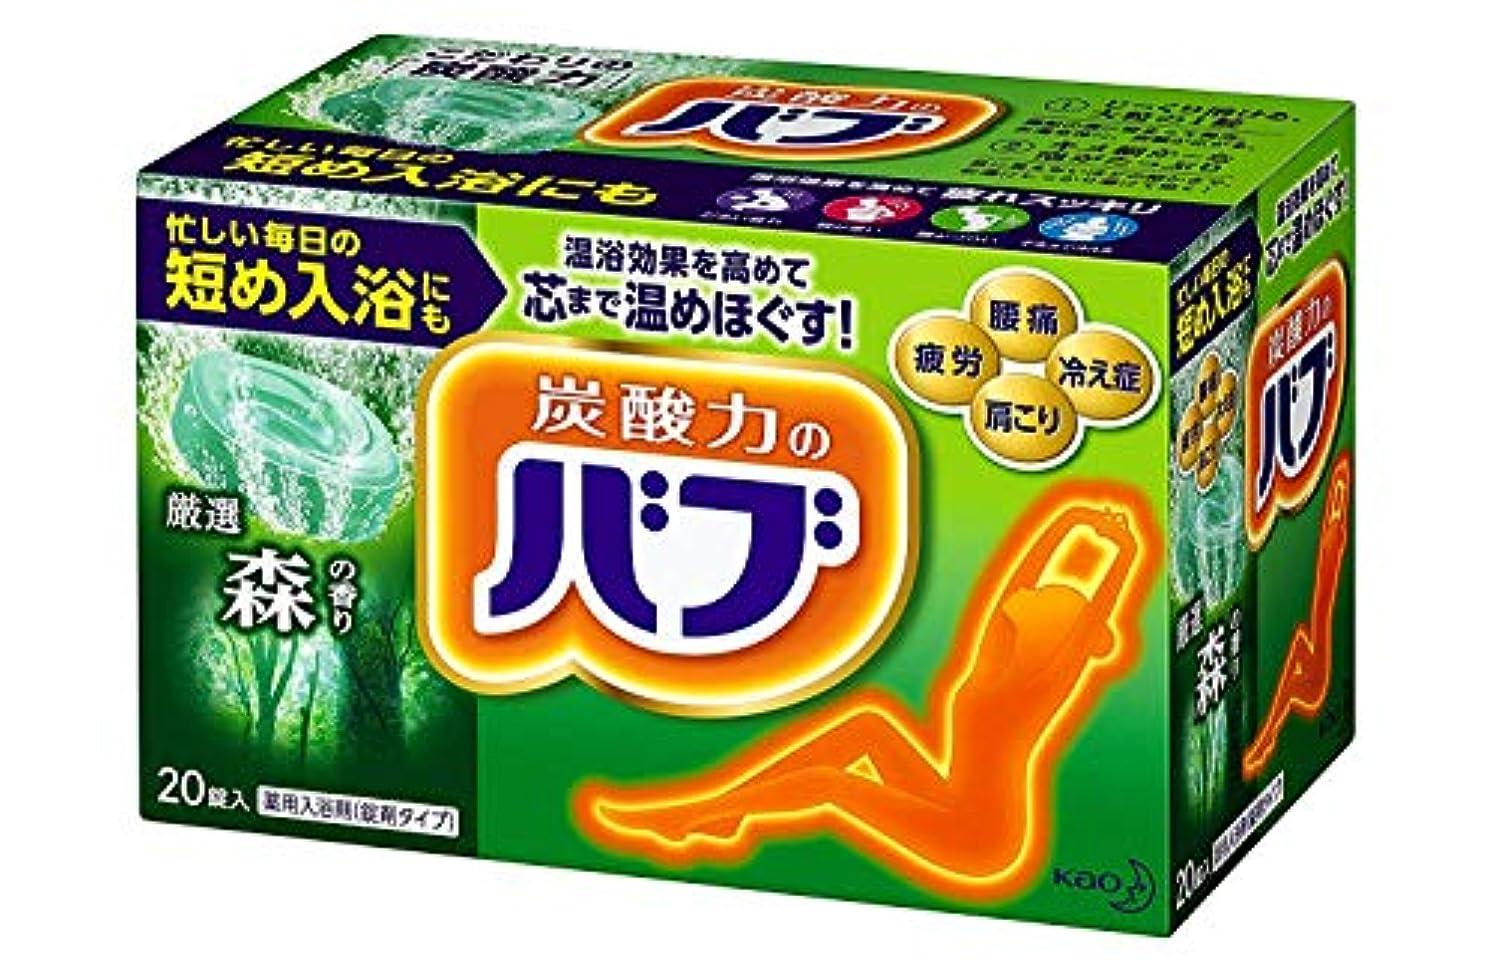 開始喉頭重くする【花王】バブ 森の香り (20錠入) ×5個セット